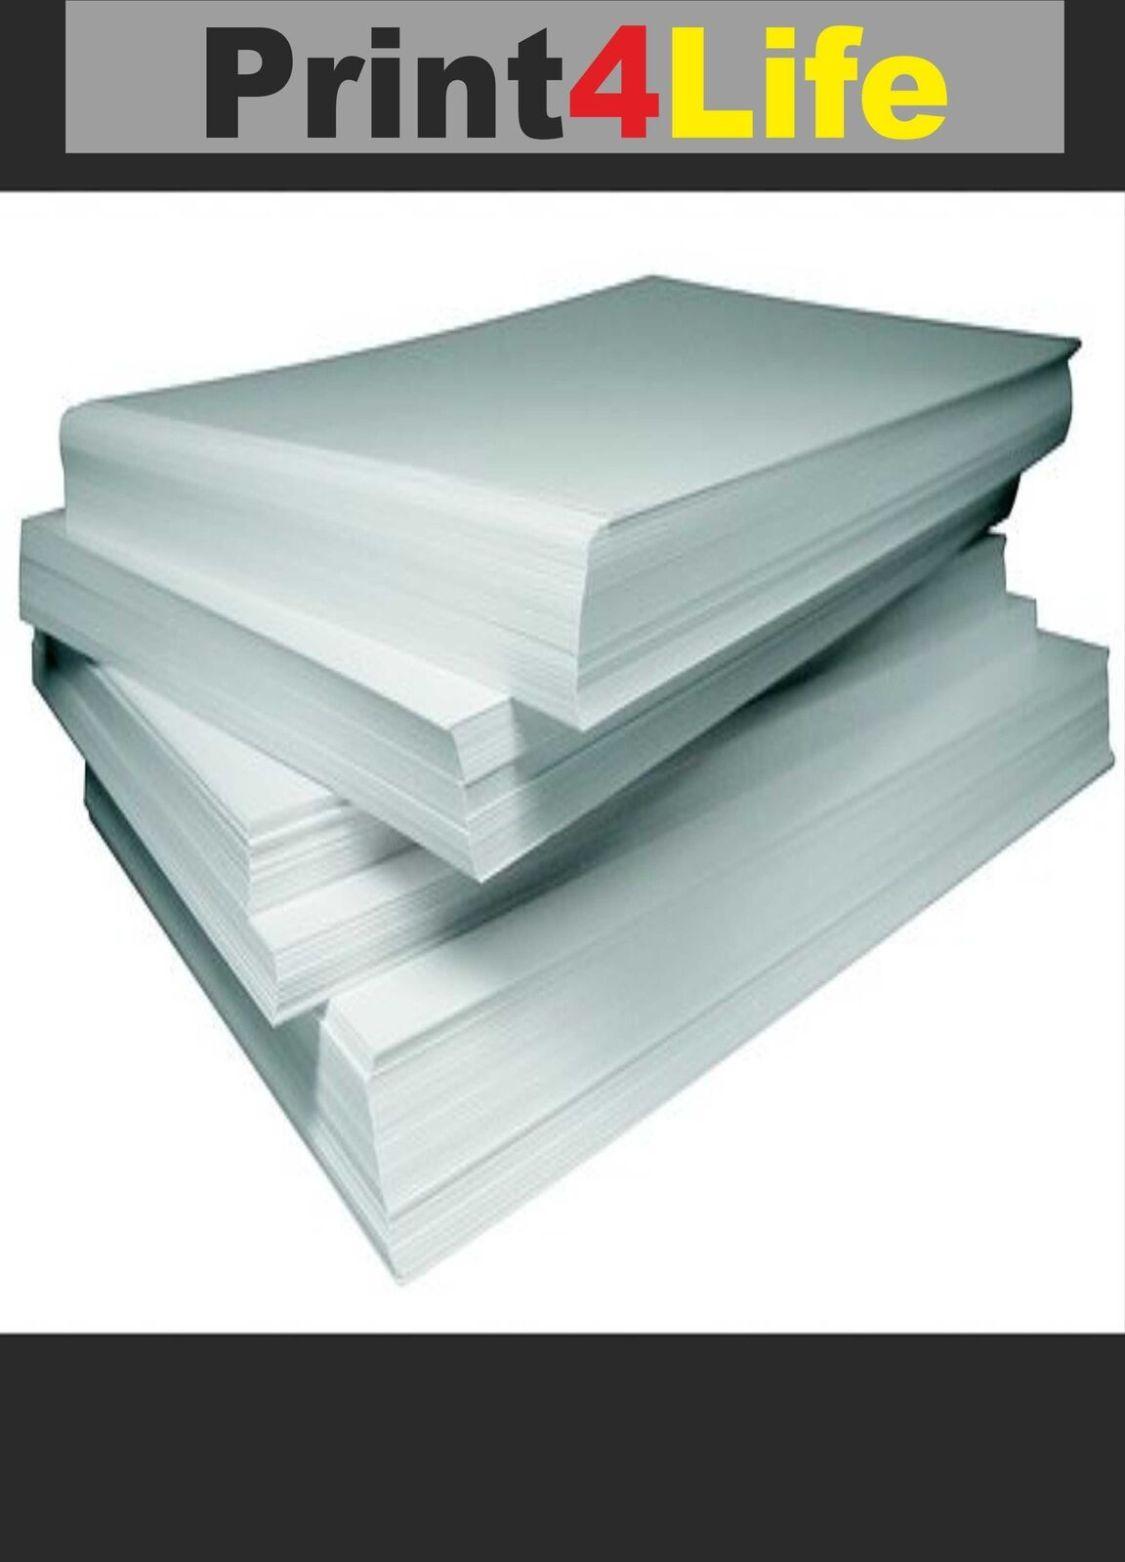 100 Blatt Fotopapier für Laserdrucker A4 170g matt 2-seitig beschichtet Top